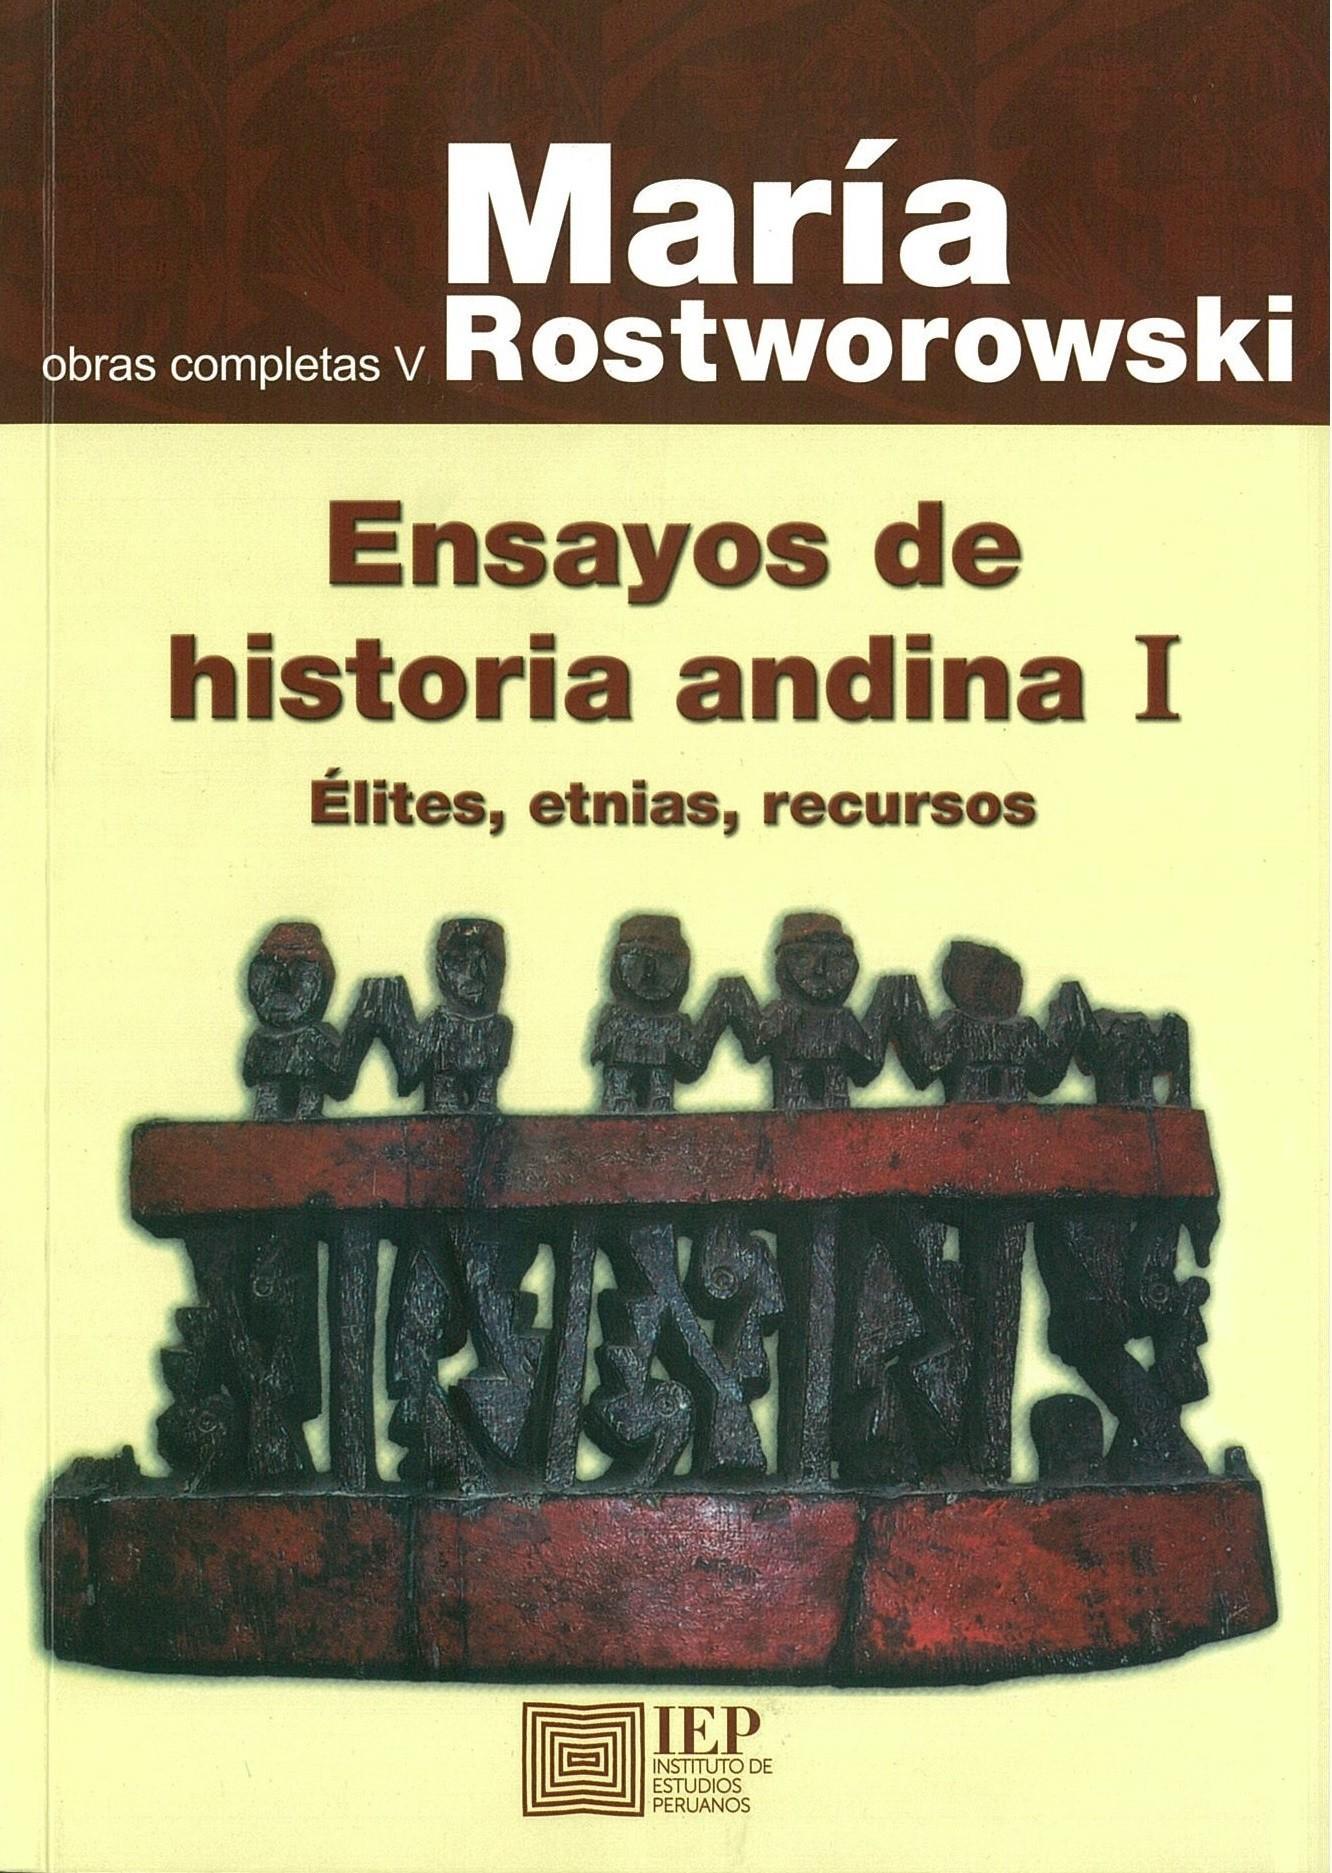 Ensayos de historia andina I (Obras completas V)